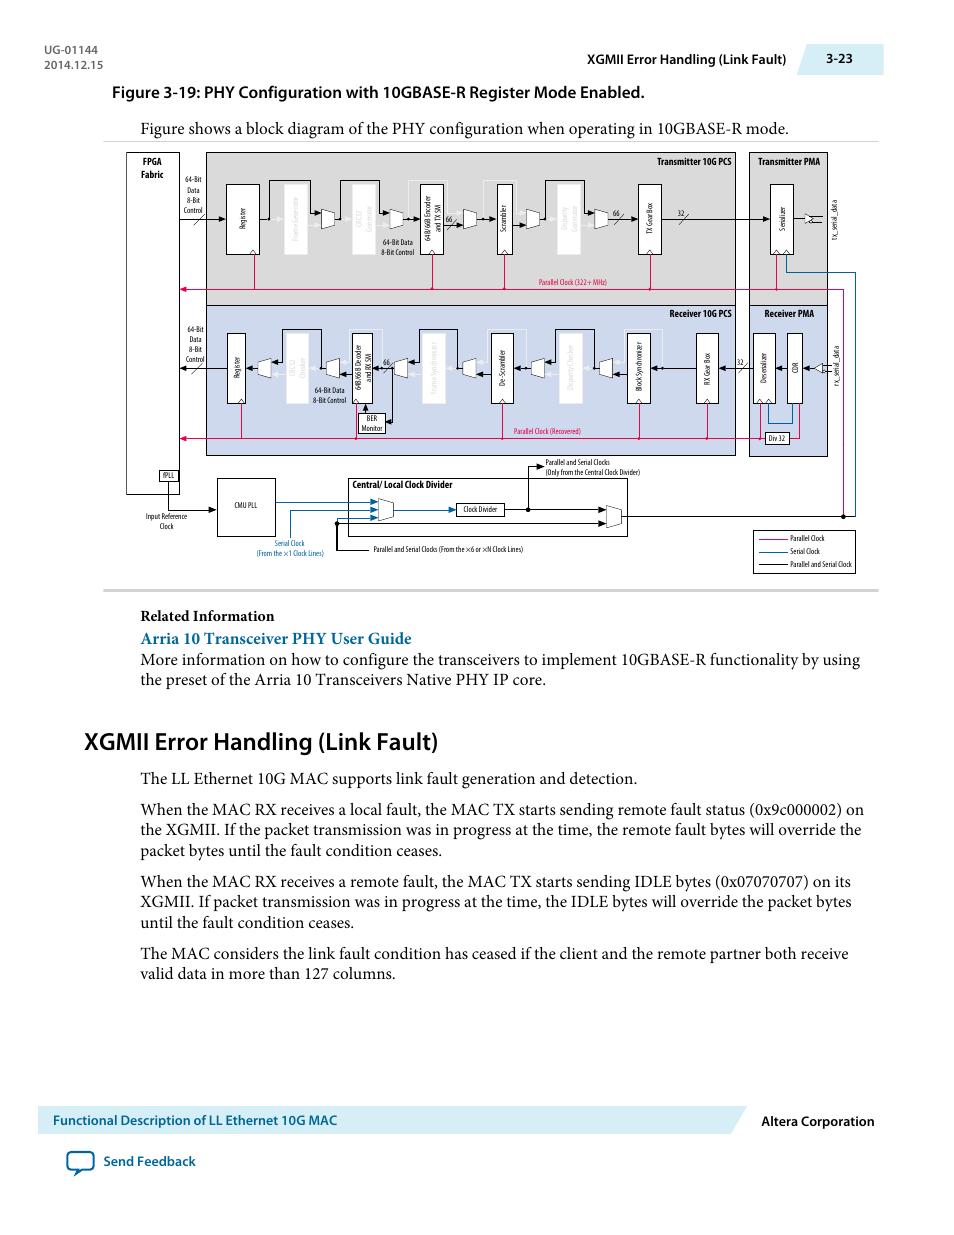 Xgmii error handling (link fault), Xgmii error handling